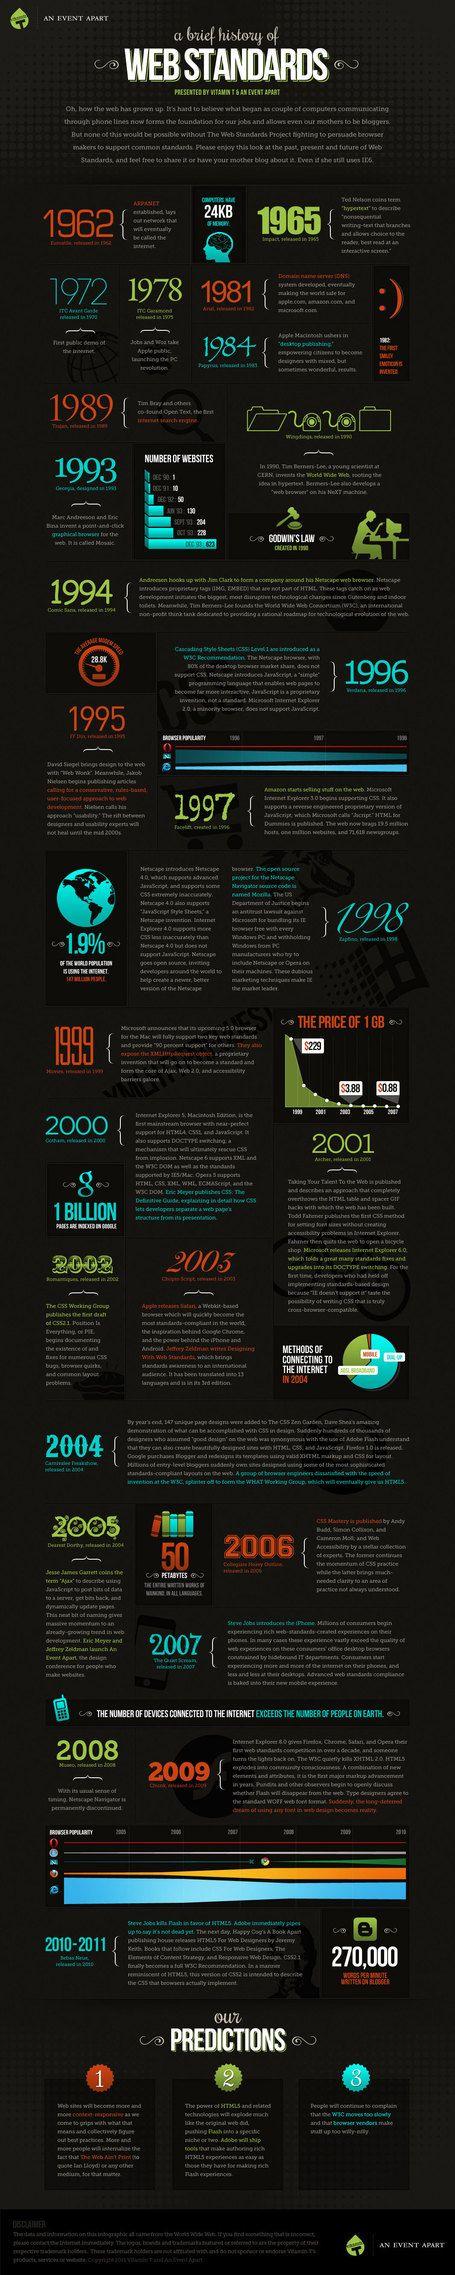 A Brief History Of Web Standards {Infographic} | Una breve historia de los estándares web, visite nuestro artículo relacionado, La historia del diseño web: http://www.dweb3d.com/blog/blogs/diseno-web-y-posicionamiento-seo/157-historia-del-diseno-web.html: